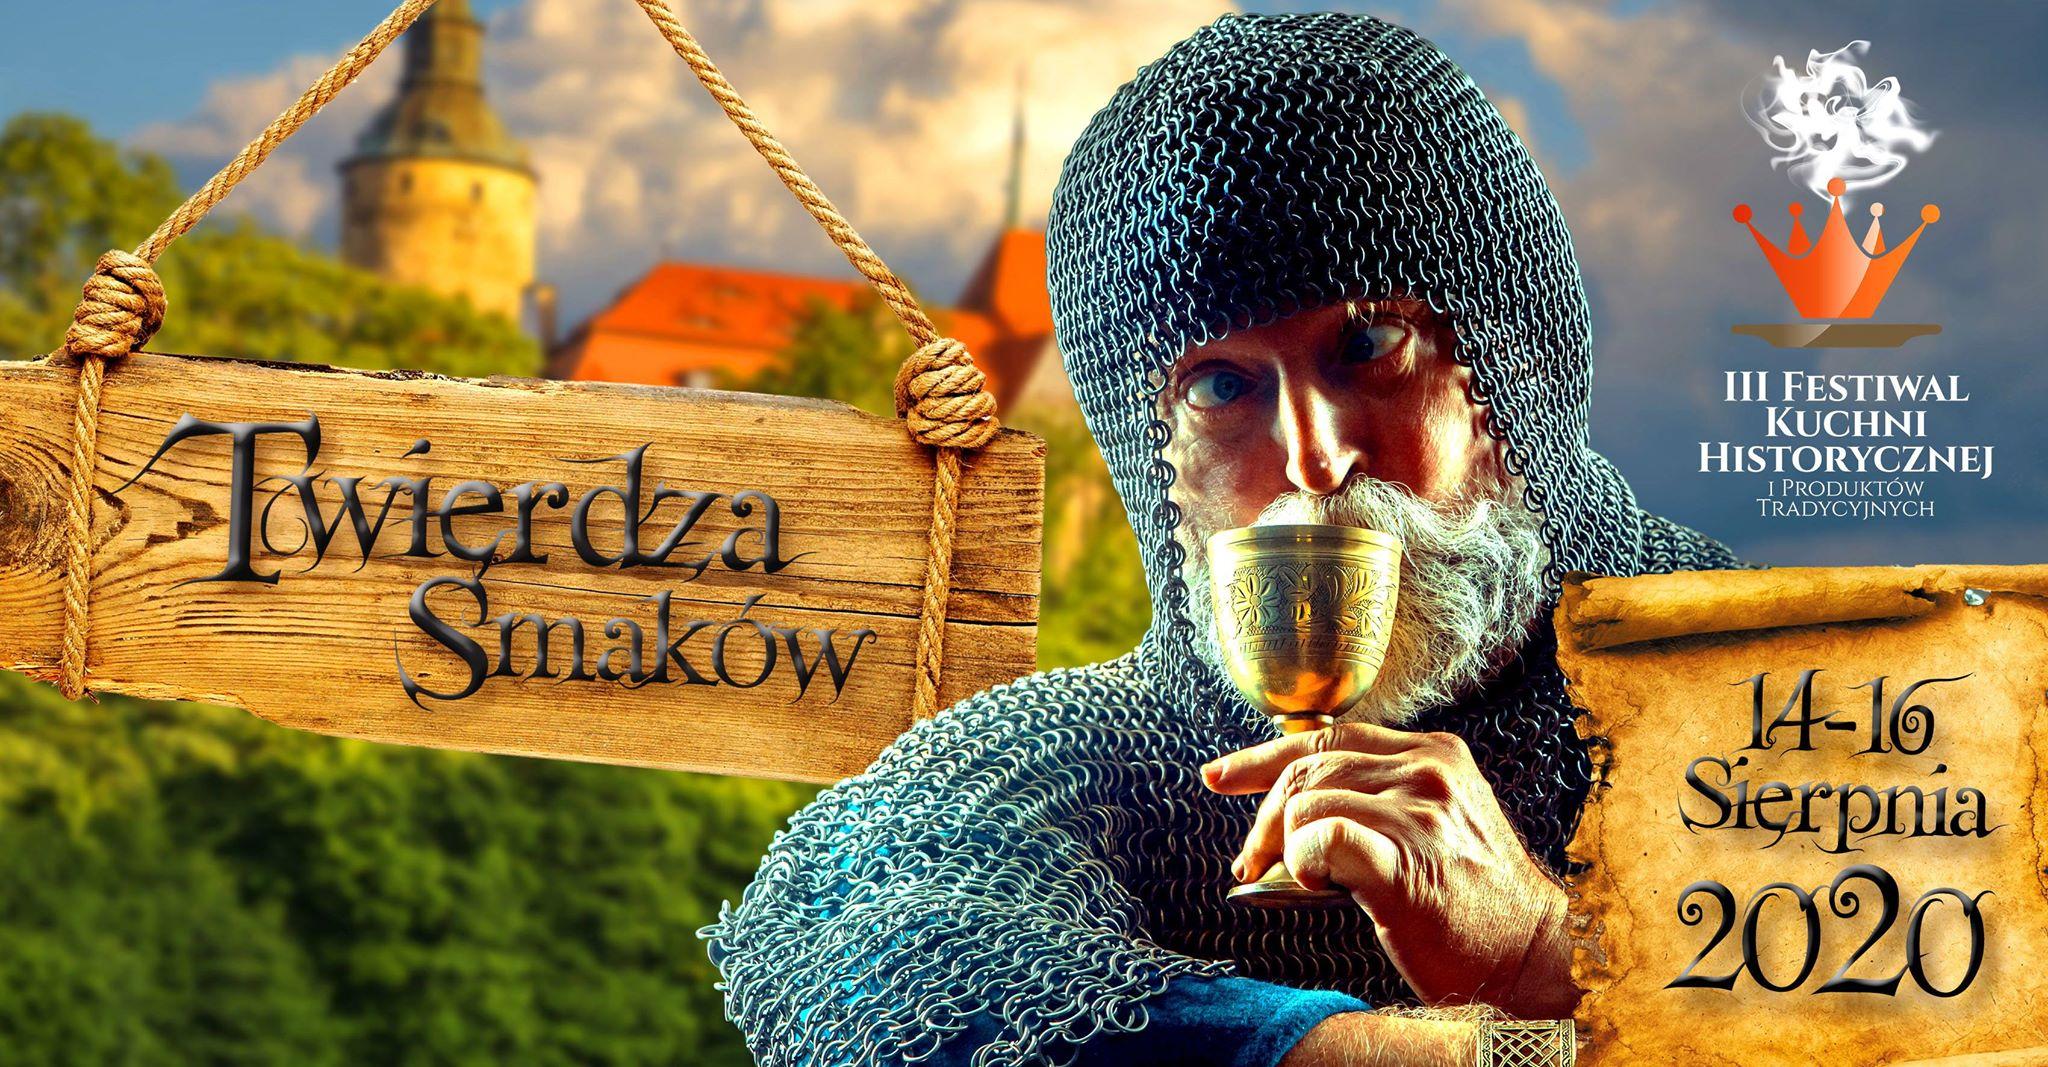 Twierdza Smaków - III Festiwal Kuchni Historycznej